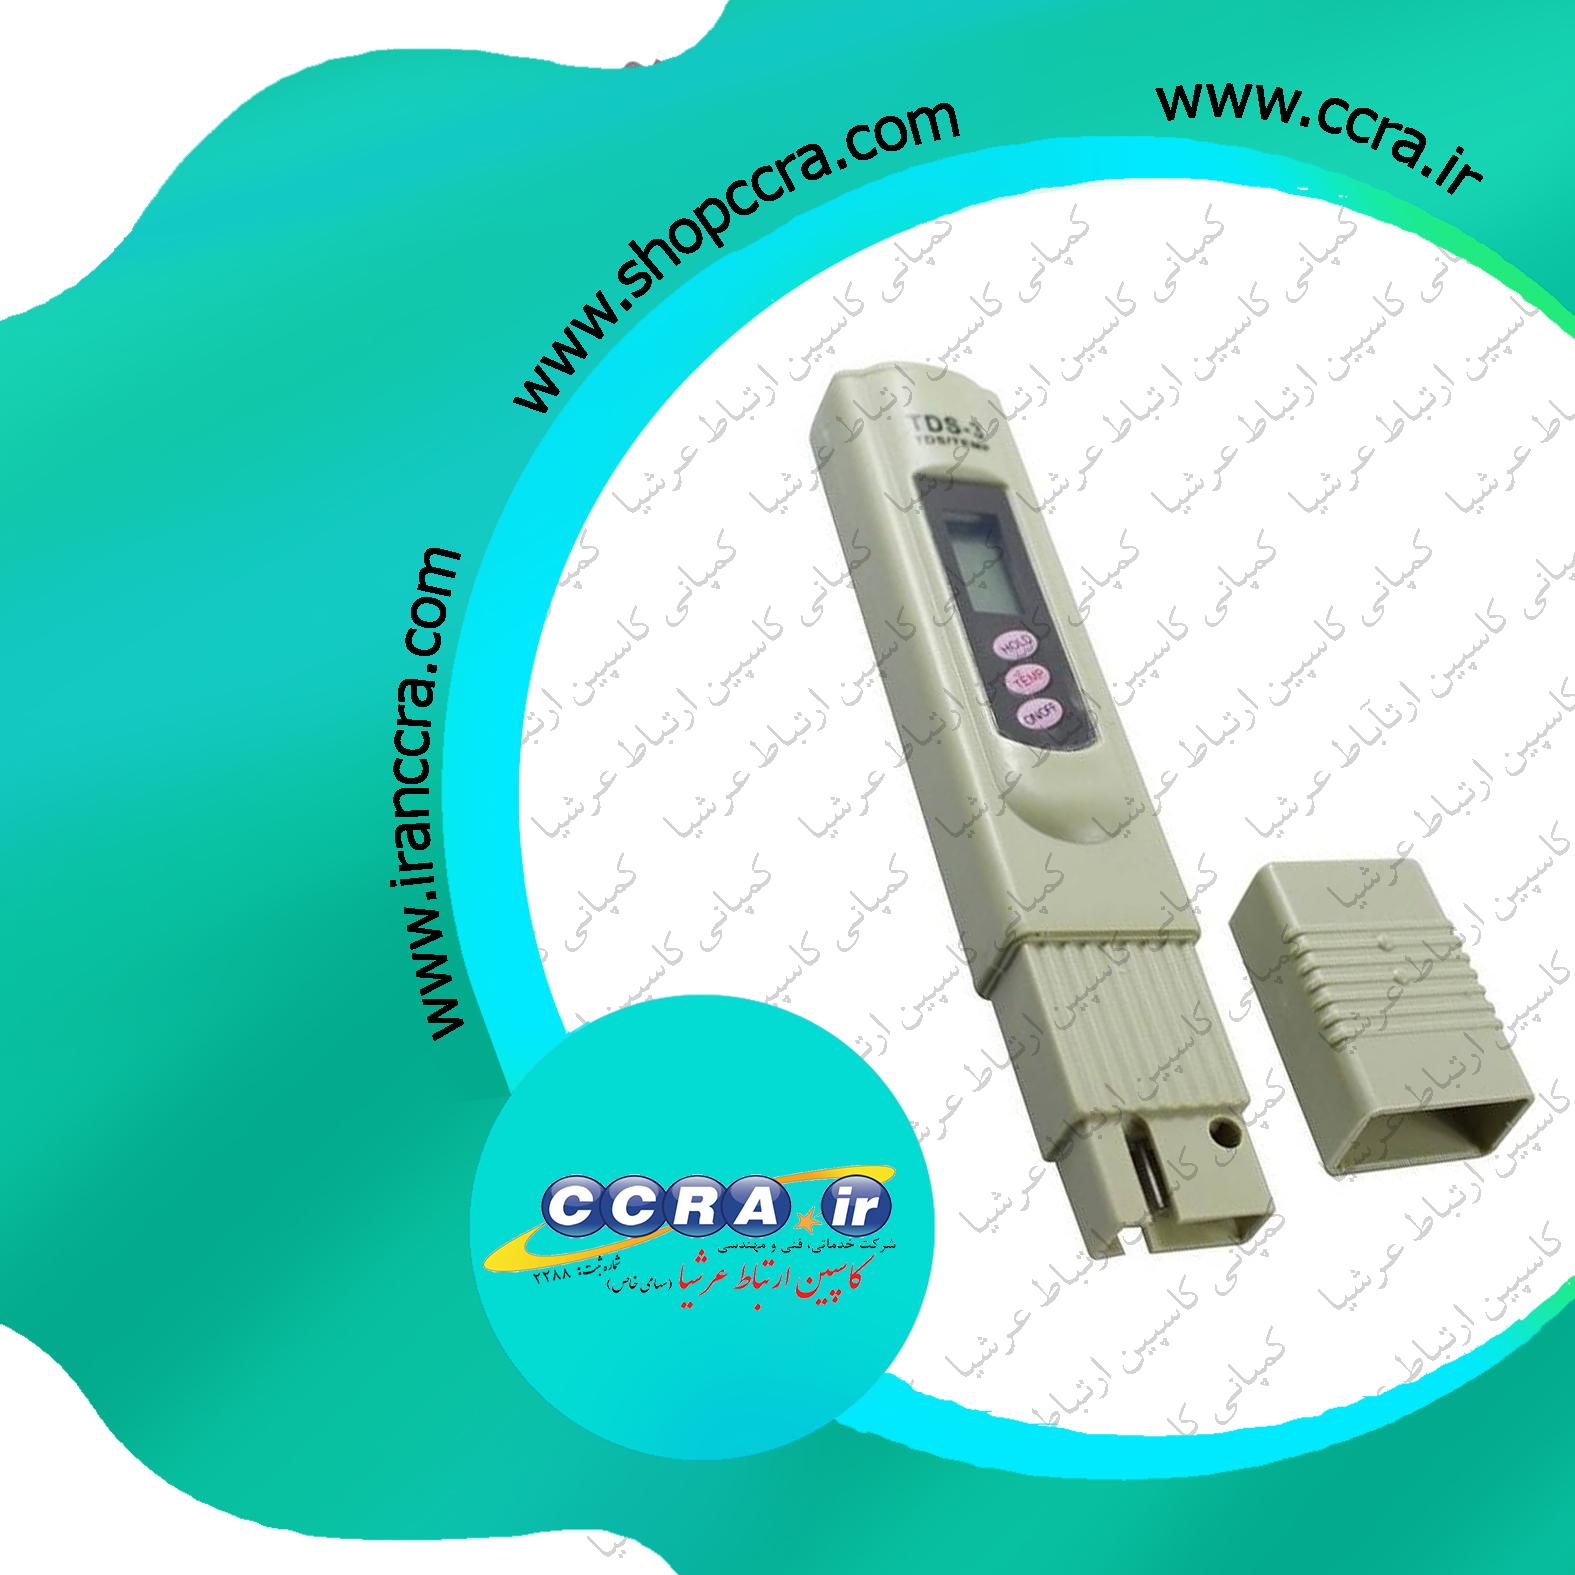 دستگاه سختی سنج برای دستگاه های تصفیه آب خانگی پیوی واتر